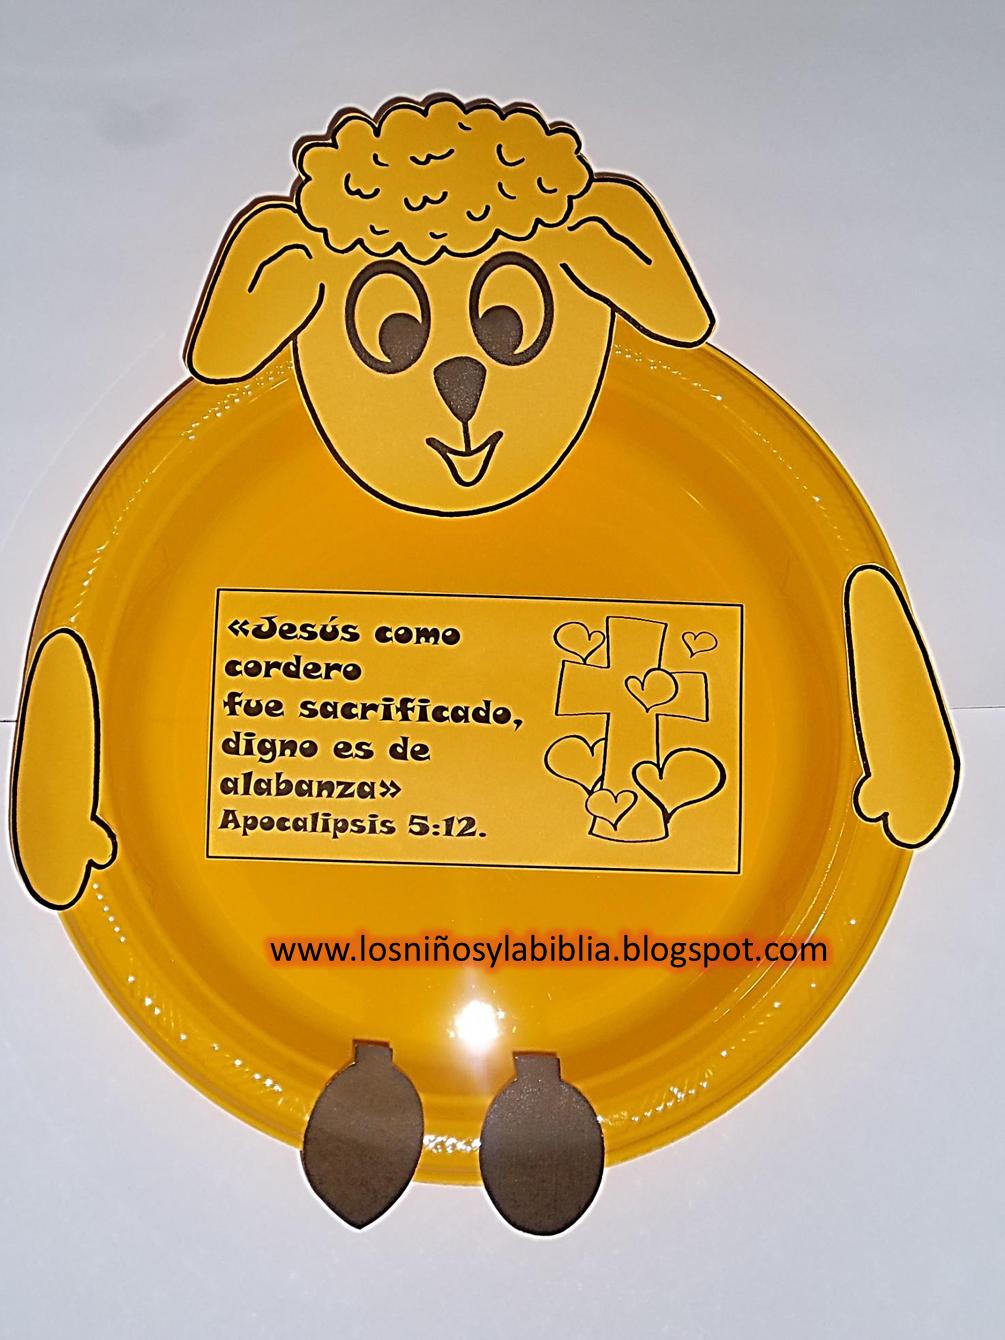 Manualidades sencillas para niños y la biblia - Imagui